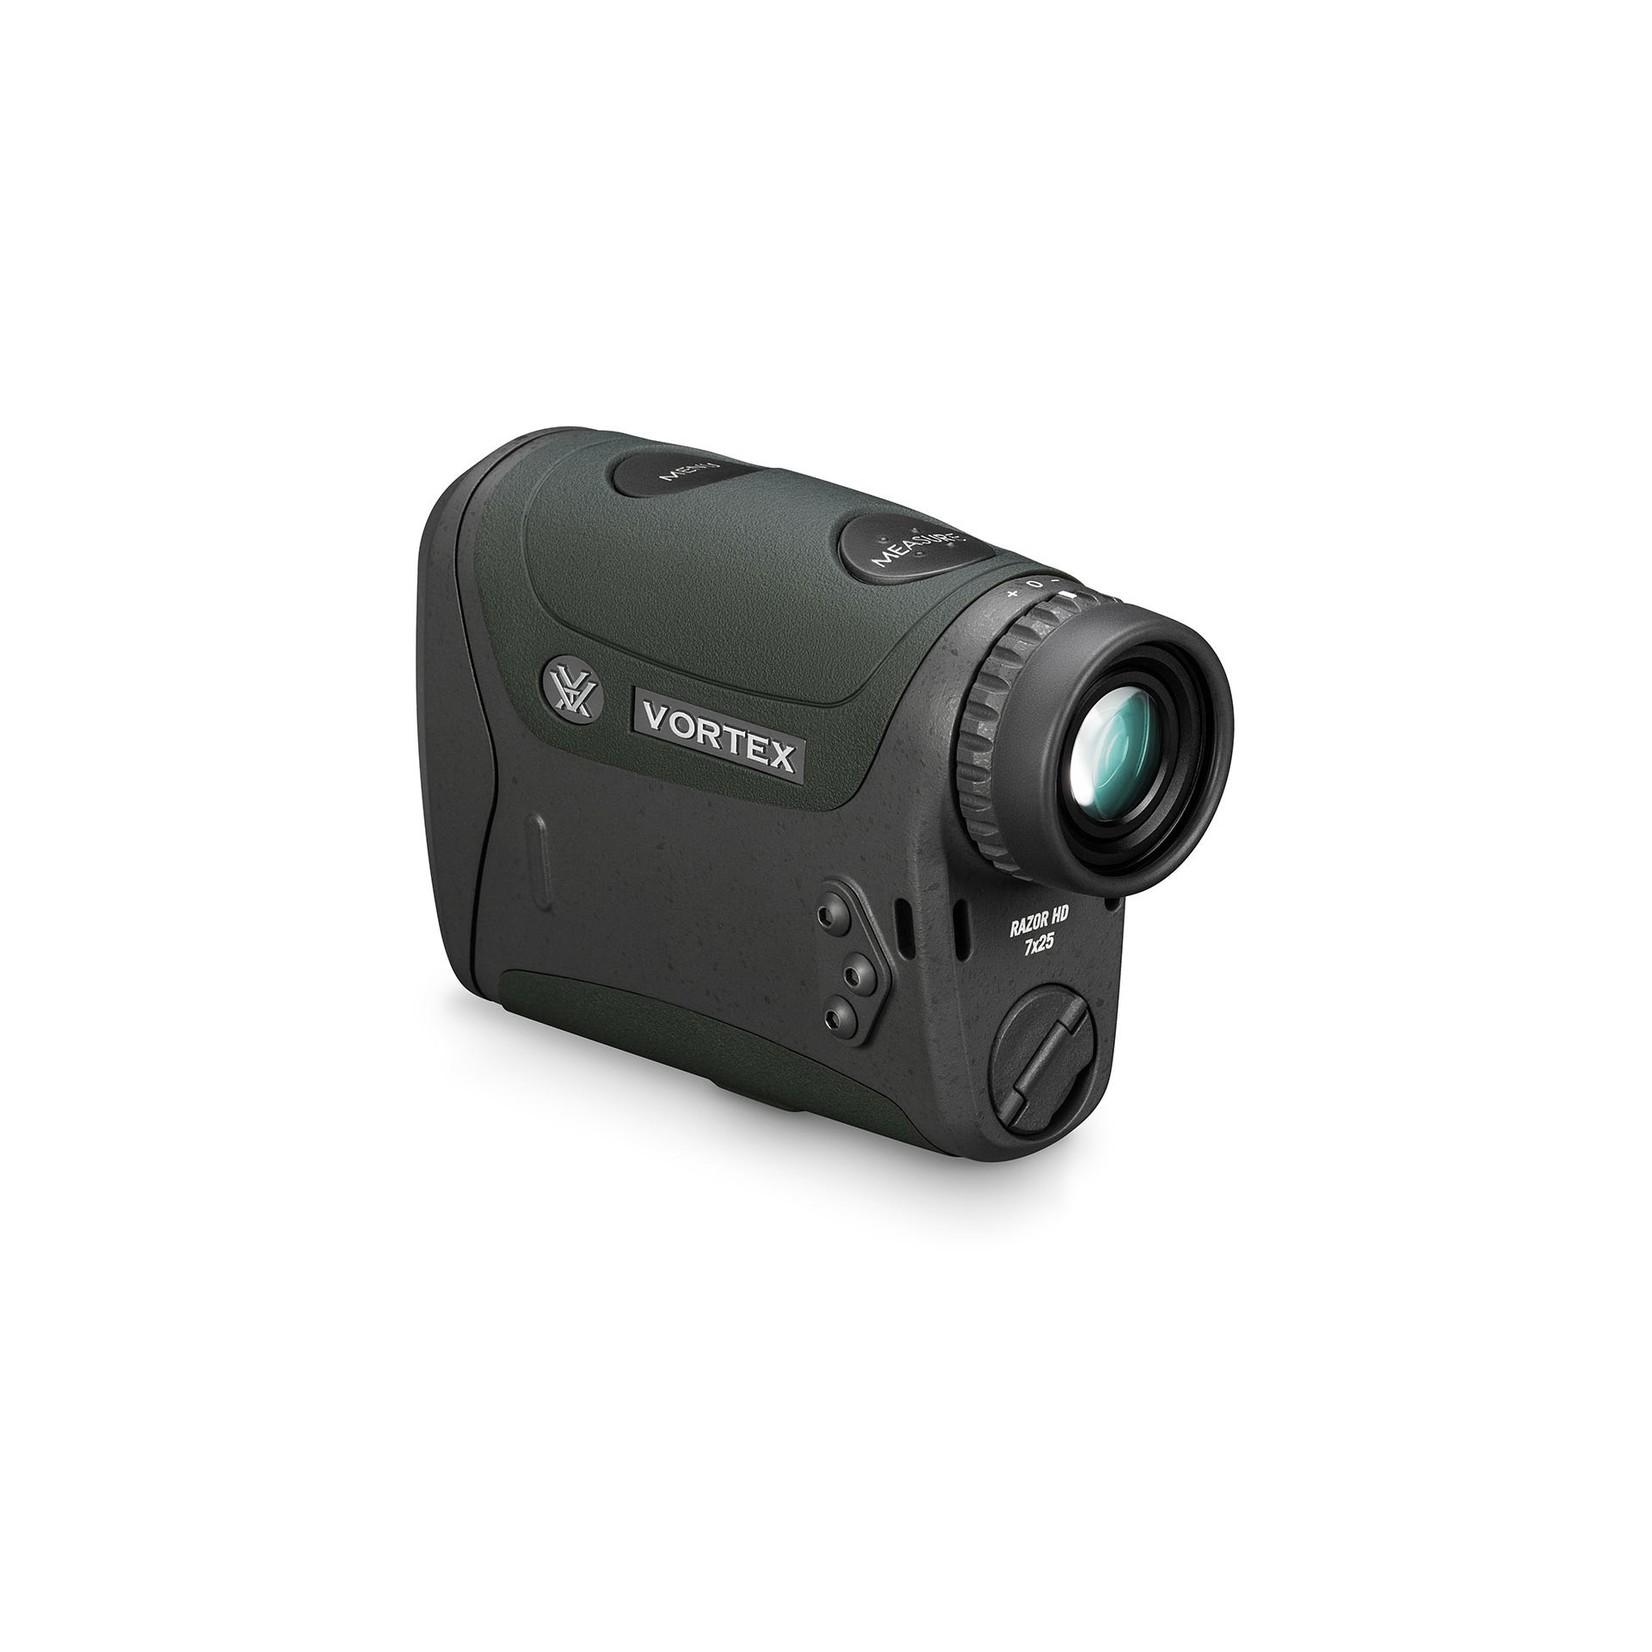 VORTEX Vortex Razor HD 4000 Laser Rangefinder  (LRF-250)